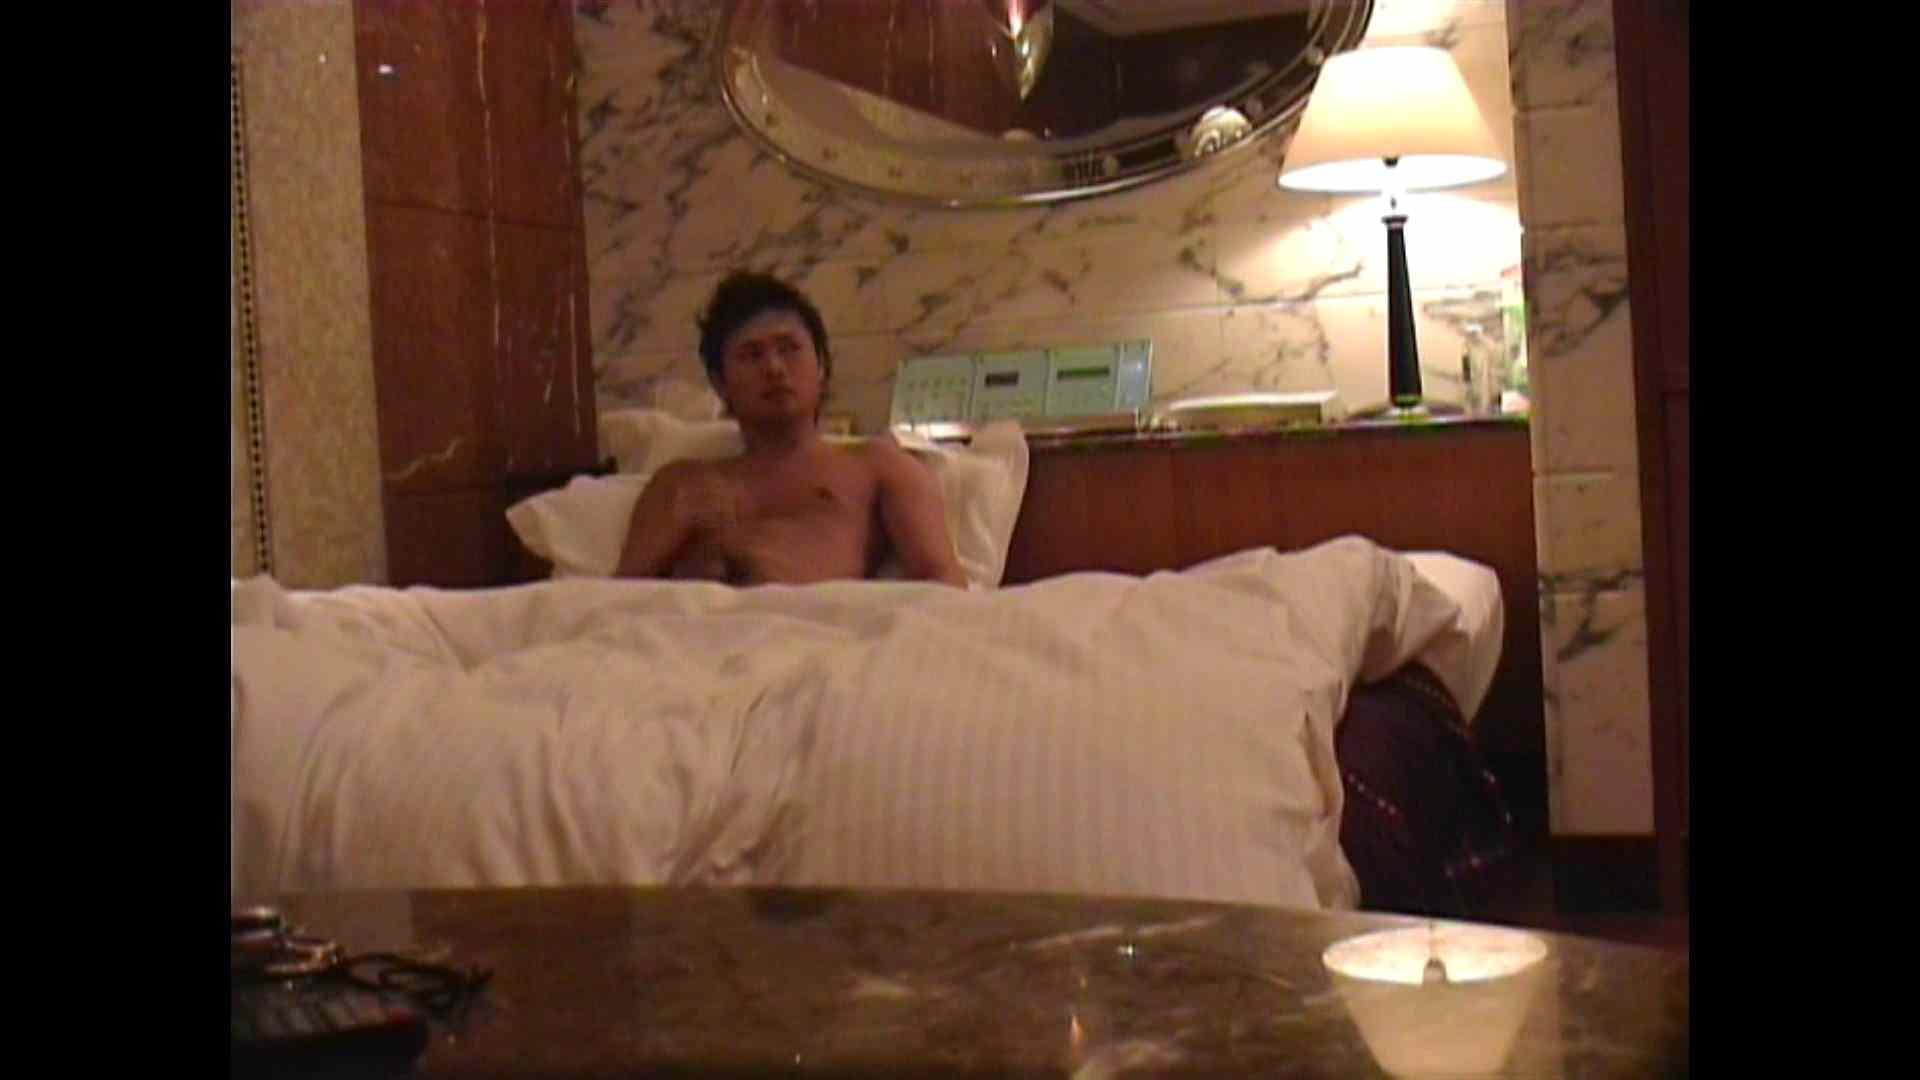 オナ好き五郎さん投稿!イケメン限定、オナニーでイク瞬間を撮影 その2 男に首ったけ ゲイエロ画像 98連発 60